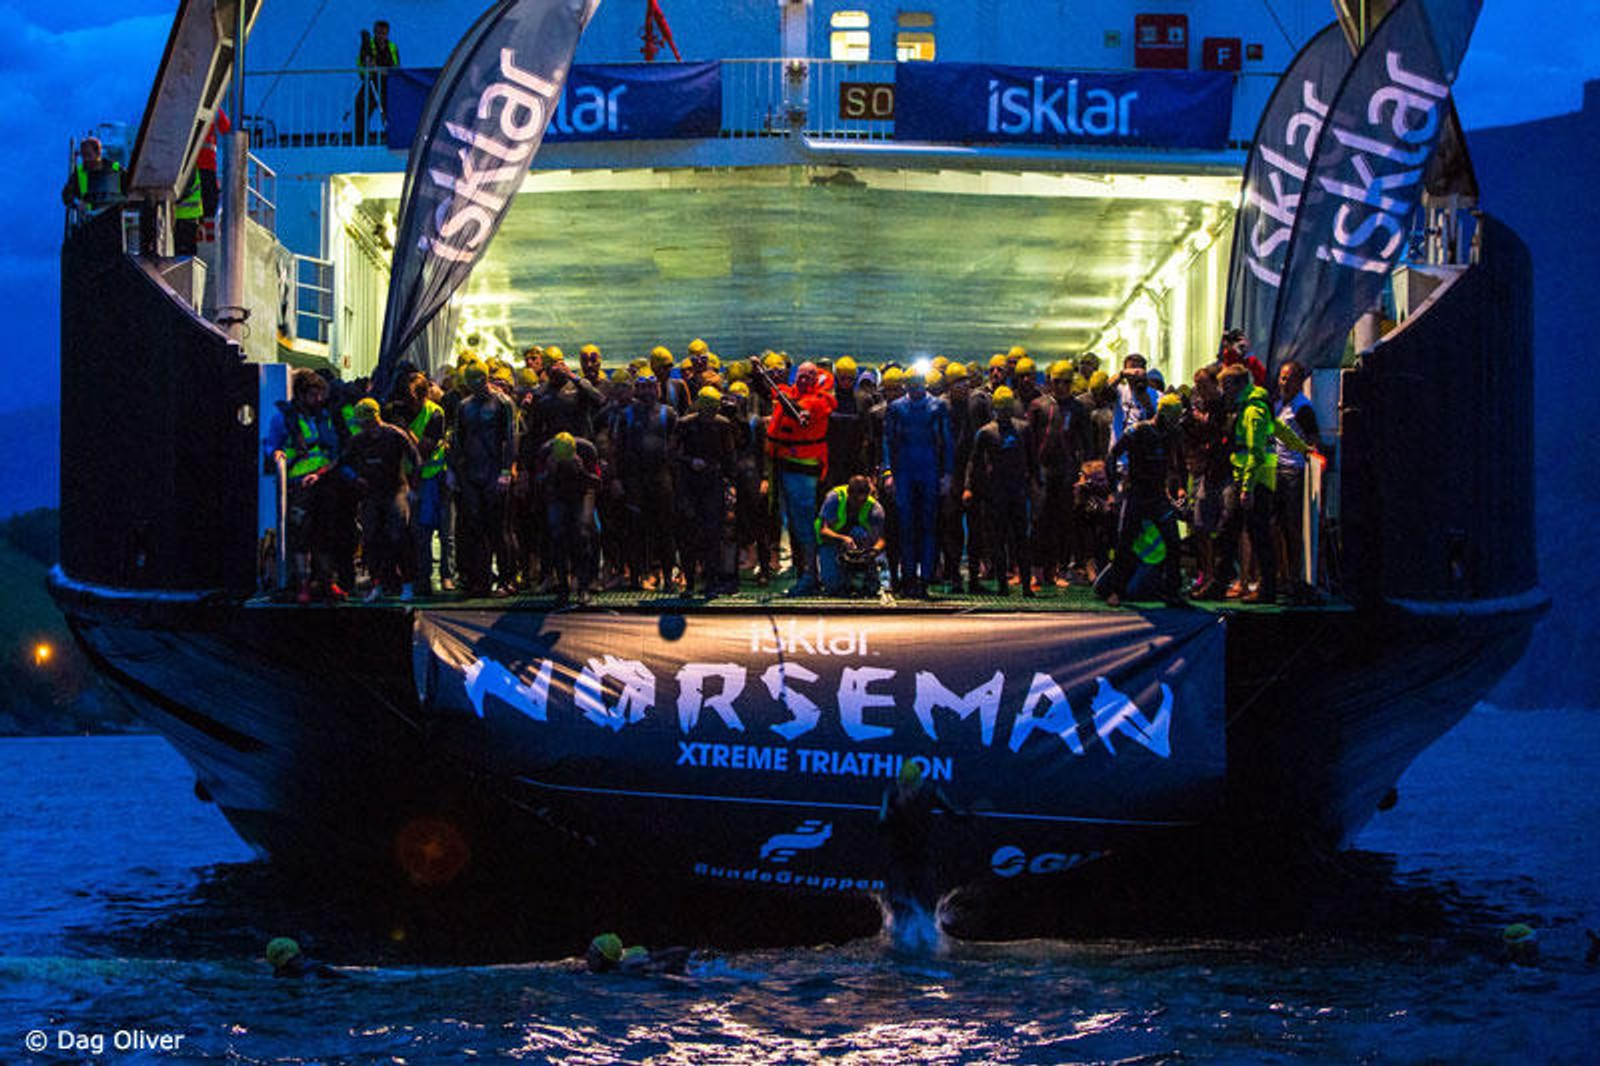 HOPPAR FRÅ FERJE: Deltakarane i Norseman startar symjeetappen med å hoppe frå ei ferje.